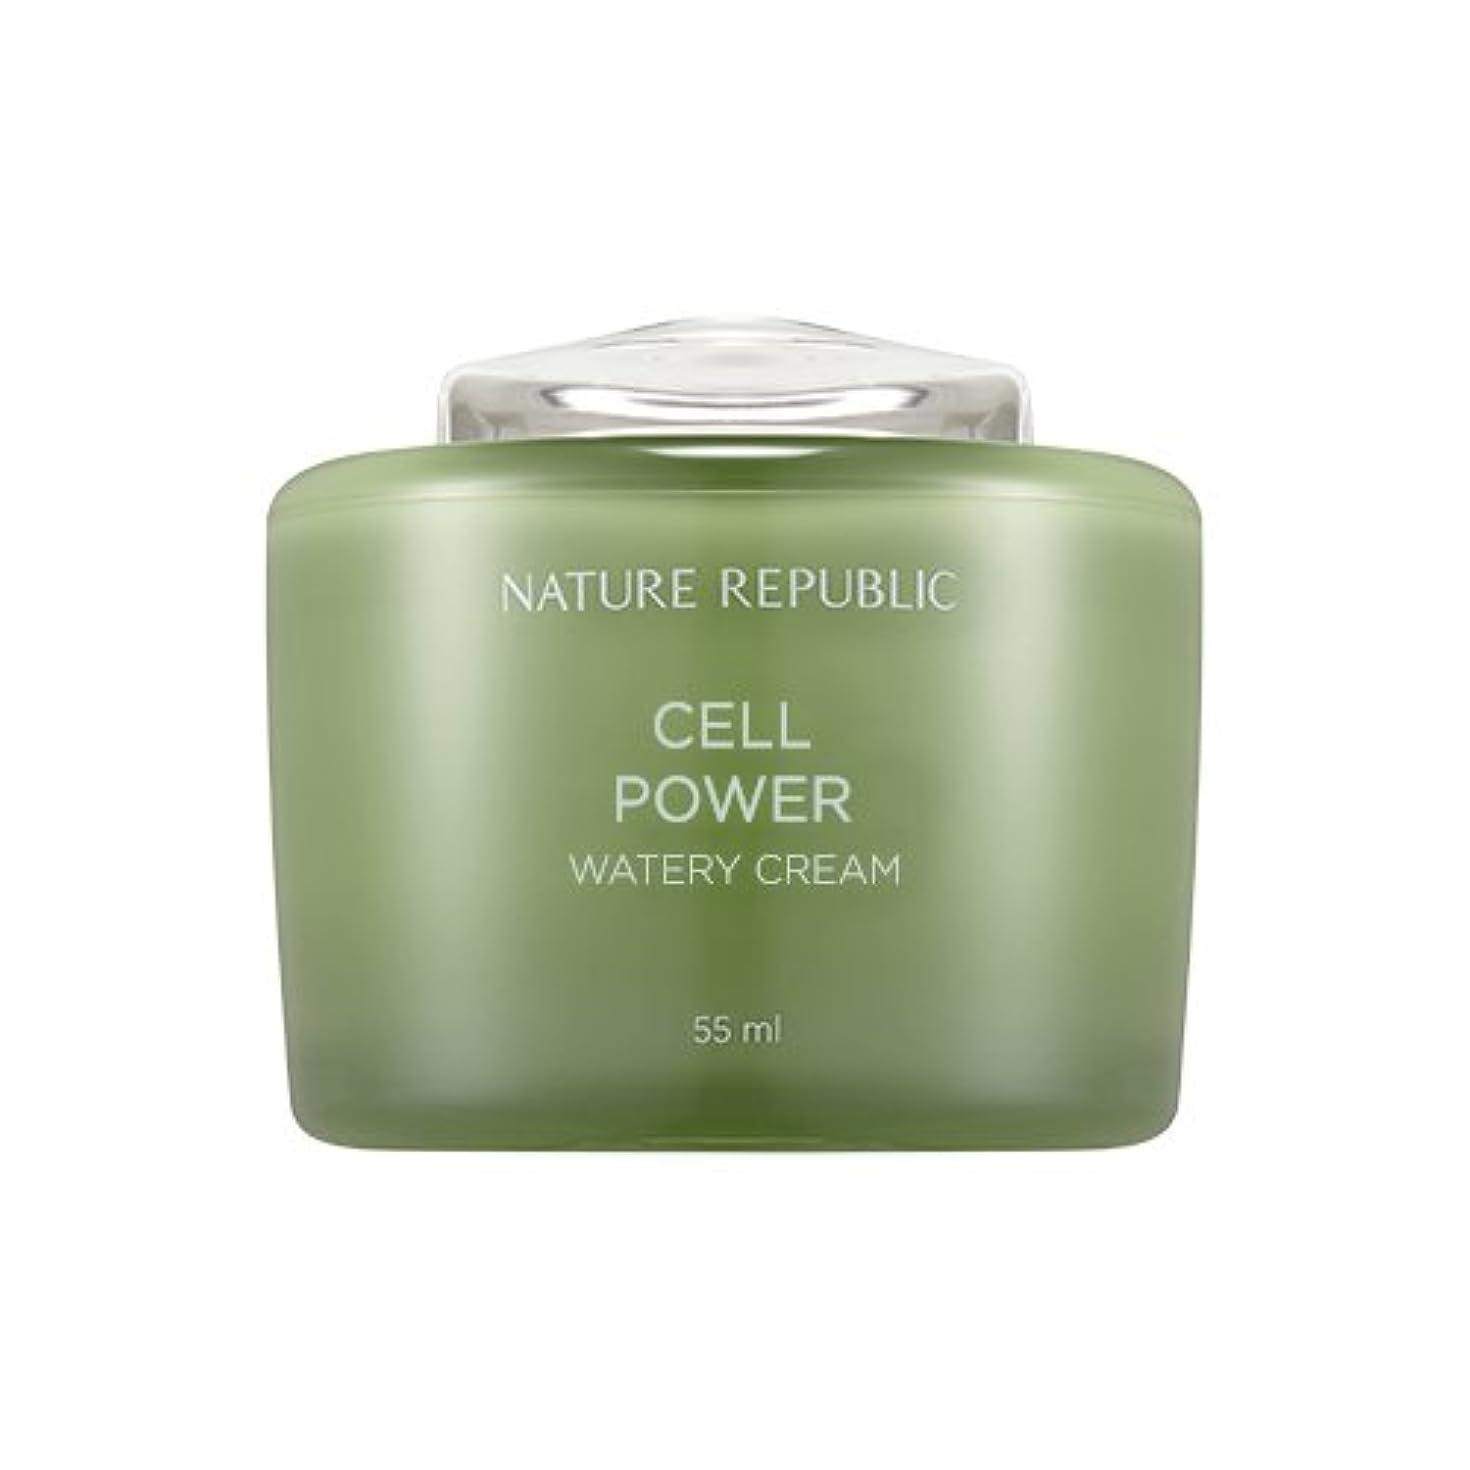 治安判事放棄された陸軍Nature Republic Cell Boosting Watery Cream 55ml / ネイチャーリパブリックセルブースティングウォーターリークリーム 55ml [並行輸入品]